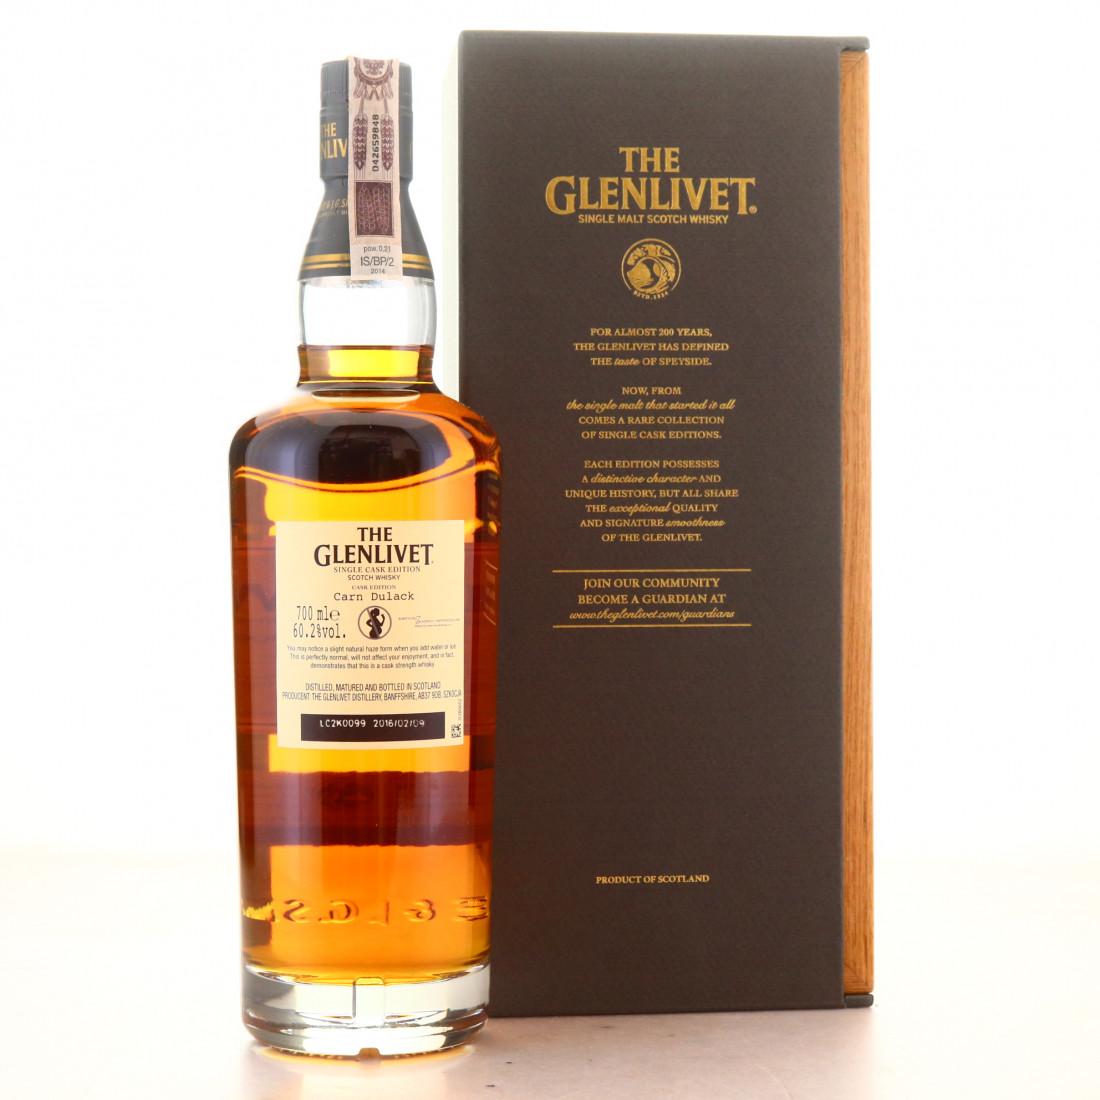 Glenlivet 14 Year Old Single Cask #5230 / Carn Dulack